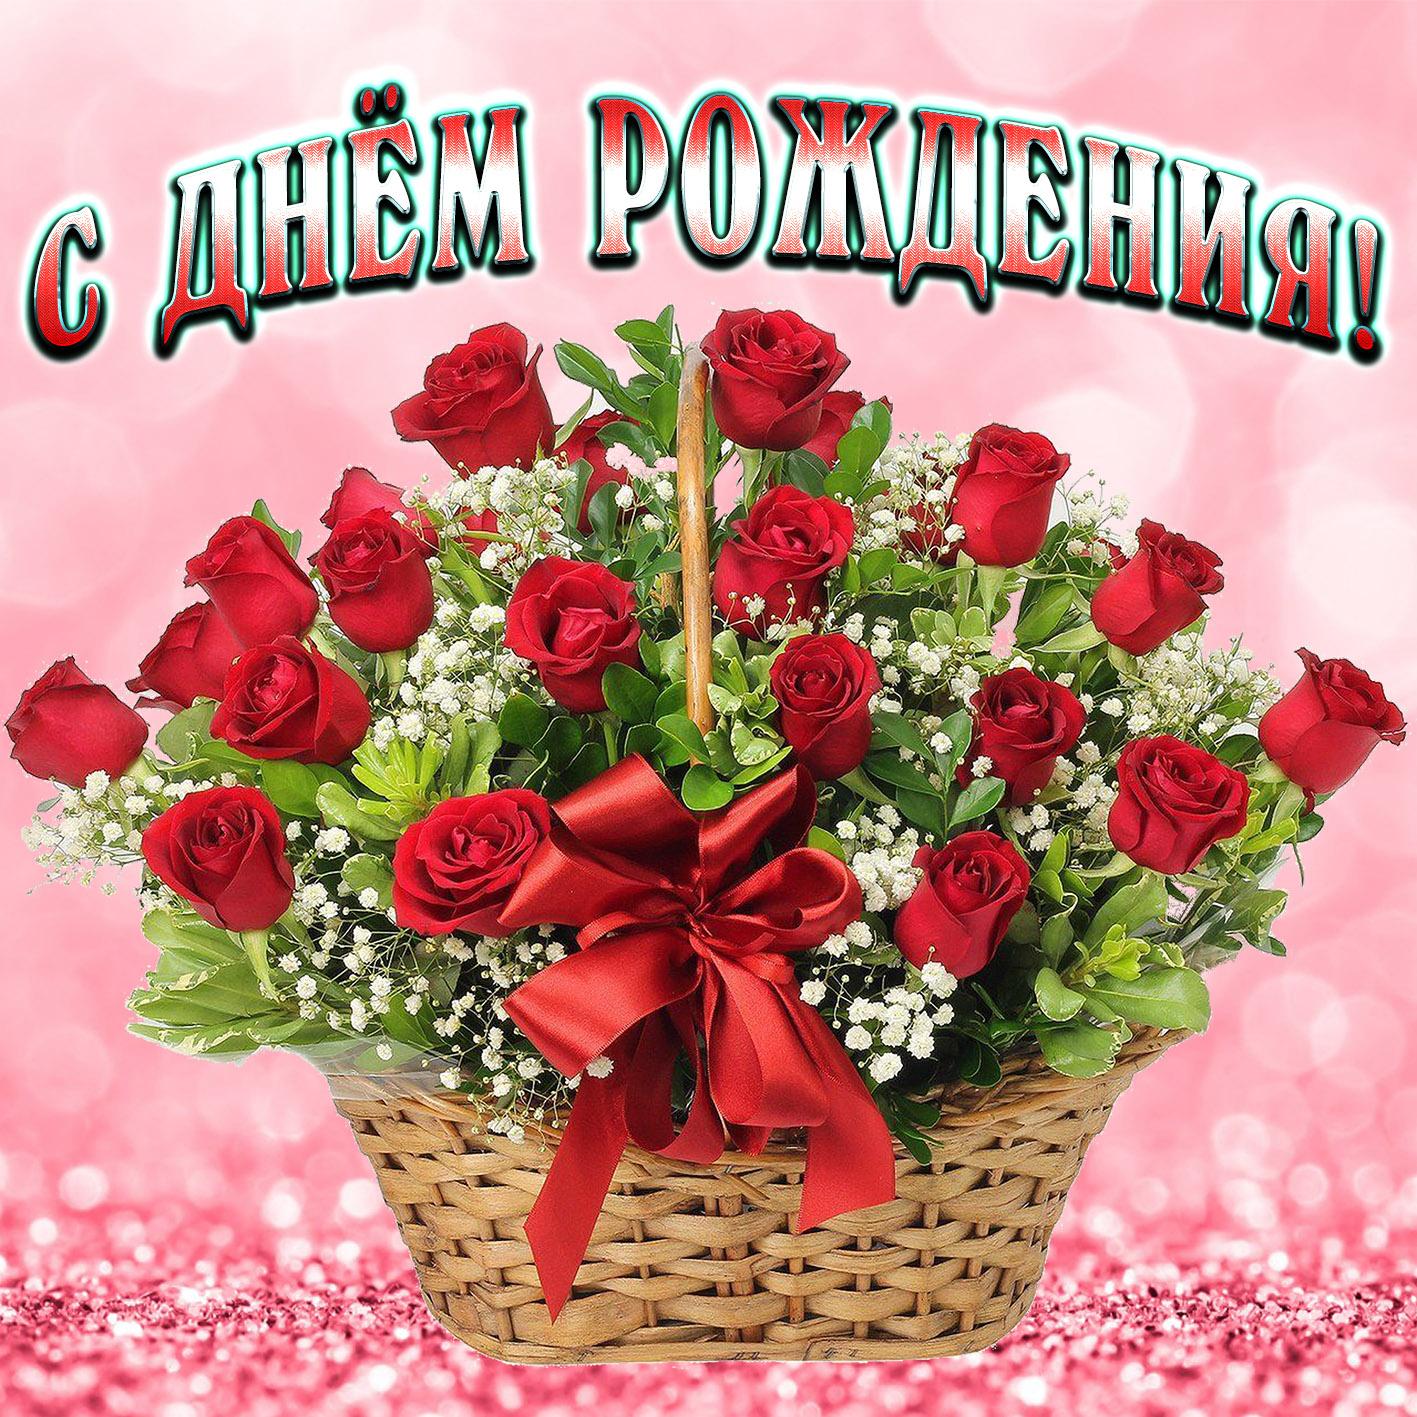 https://kartinki-life.ru/articles/2018/09/24/krasivye-otkrytki-c-dnem-rozhdeniya-dlya-zhenshhin-chast-17-aya-1.jpg